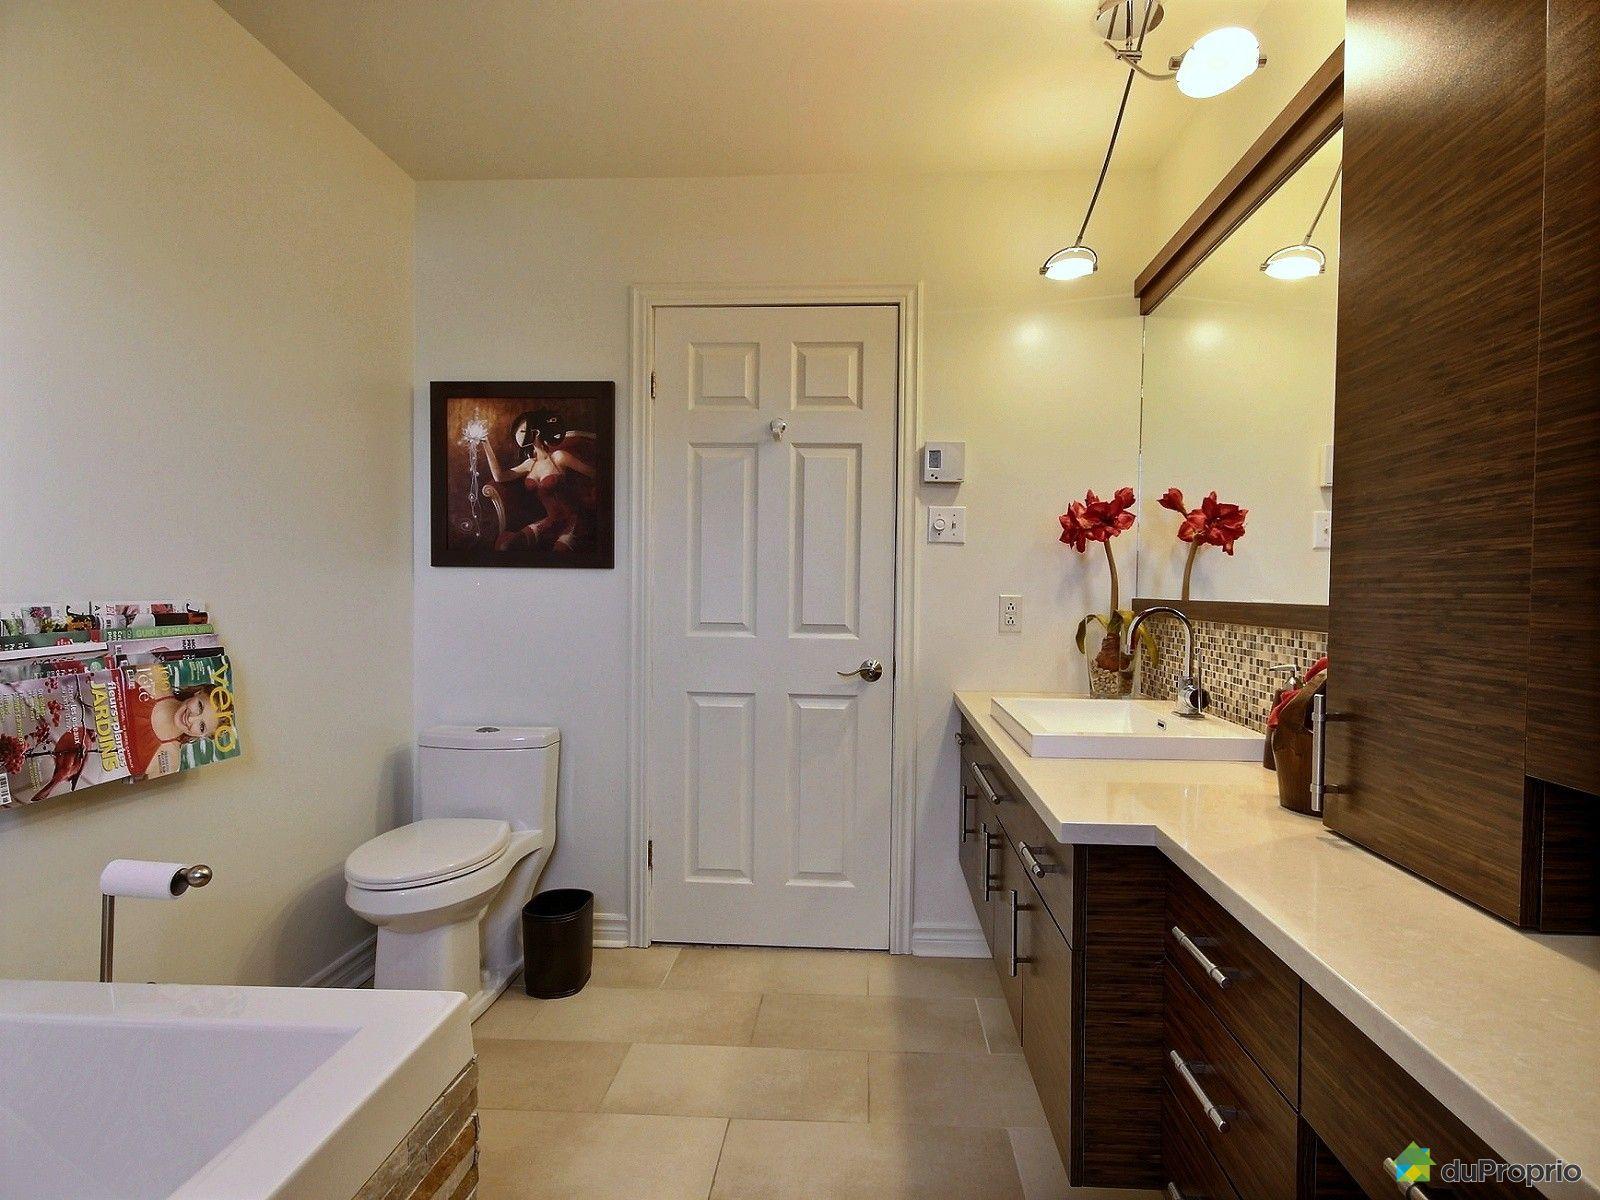 Maison vendre st j r me 1001 rue douard immobilier for Accessoire salle de bain st jerome